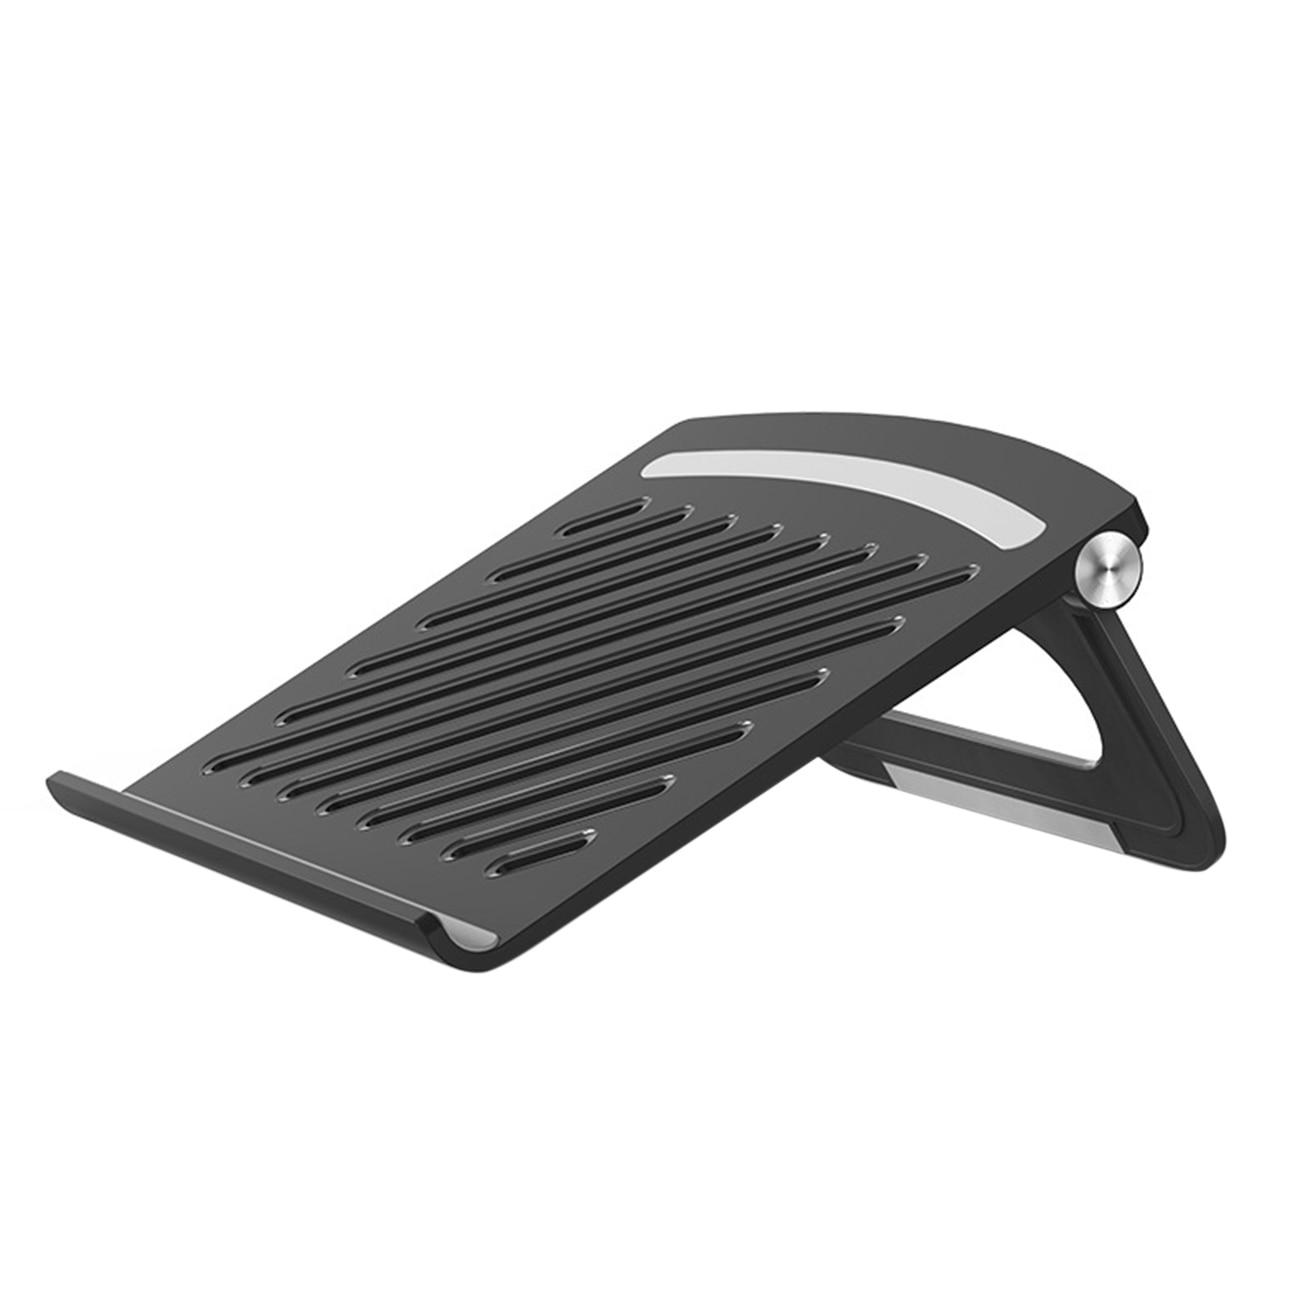 Portátil do Computador Suporte para Macbook Suporte Portátil Riser Ajustável Ergonômico ar – Pro Dell Xps hp Laptops